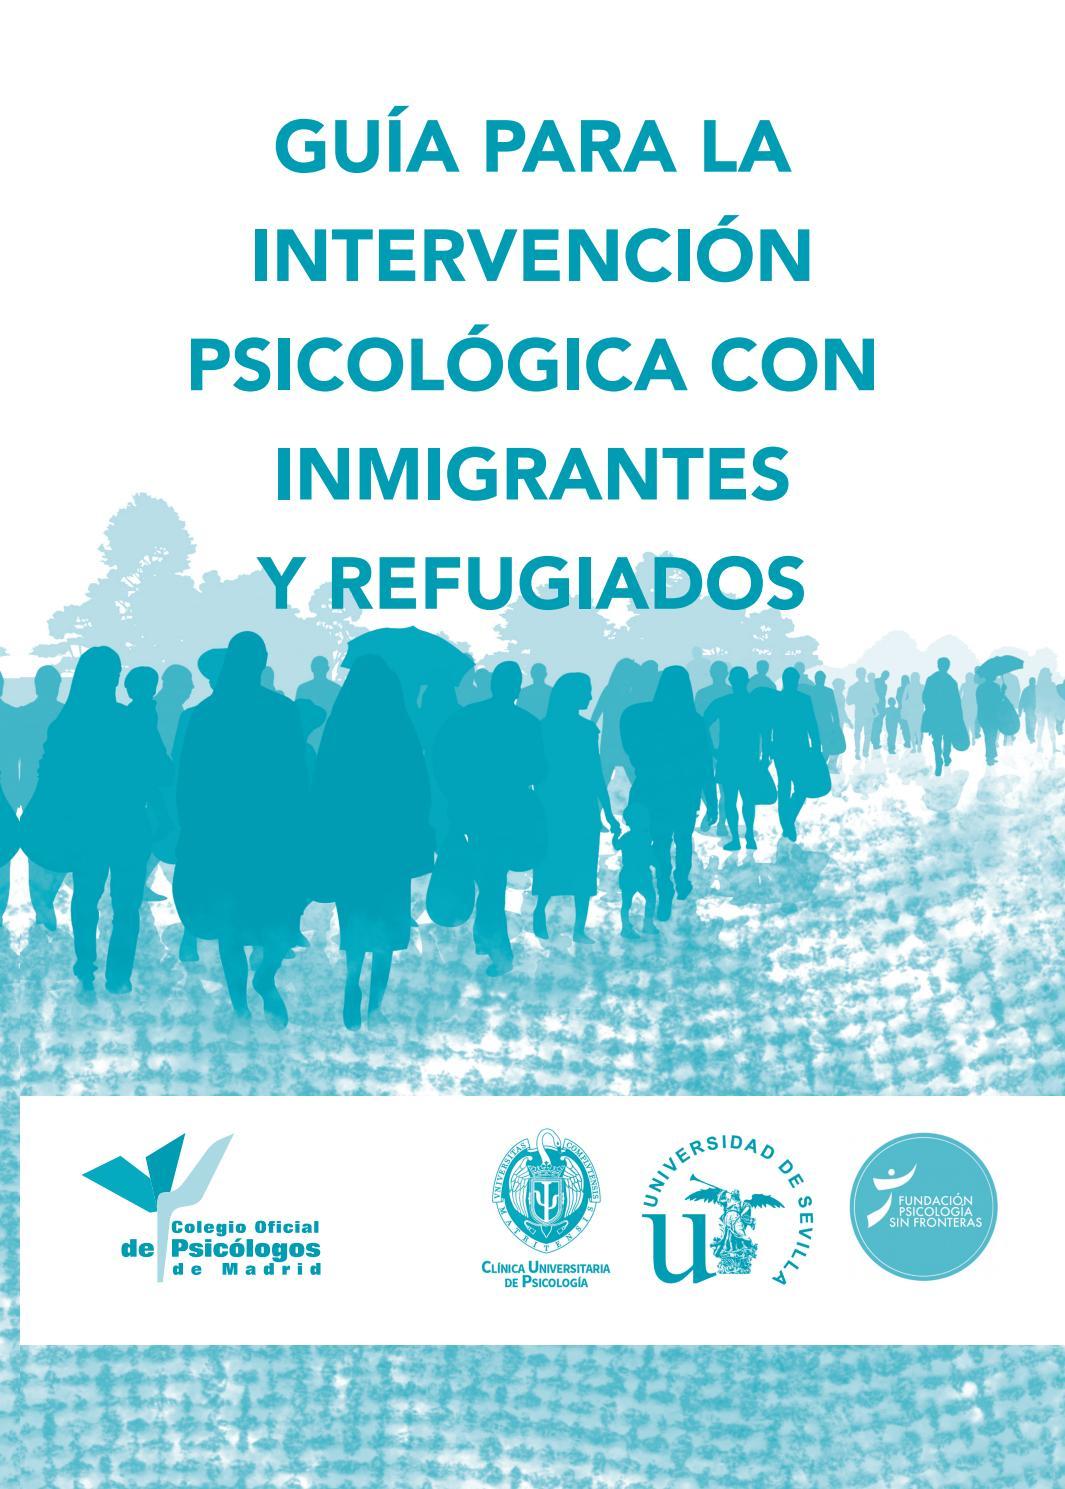 Guía para la Intervencion Psicologica con Inmigrantes y Refugiados ...